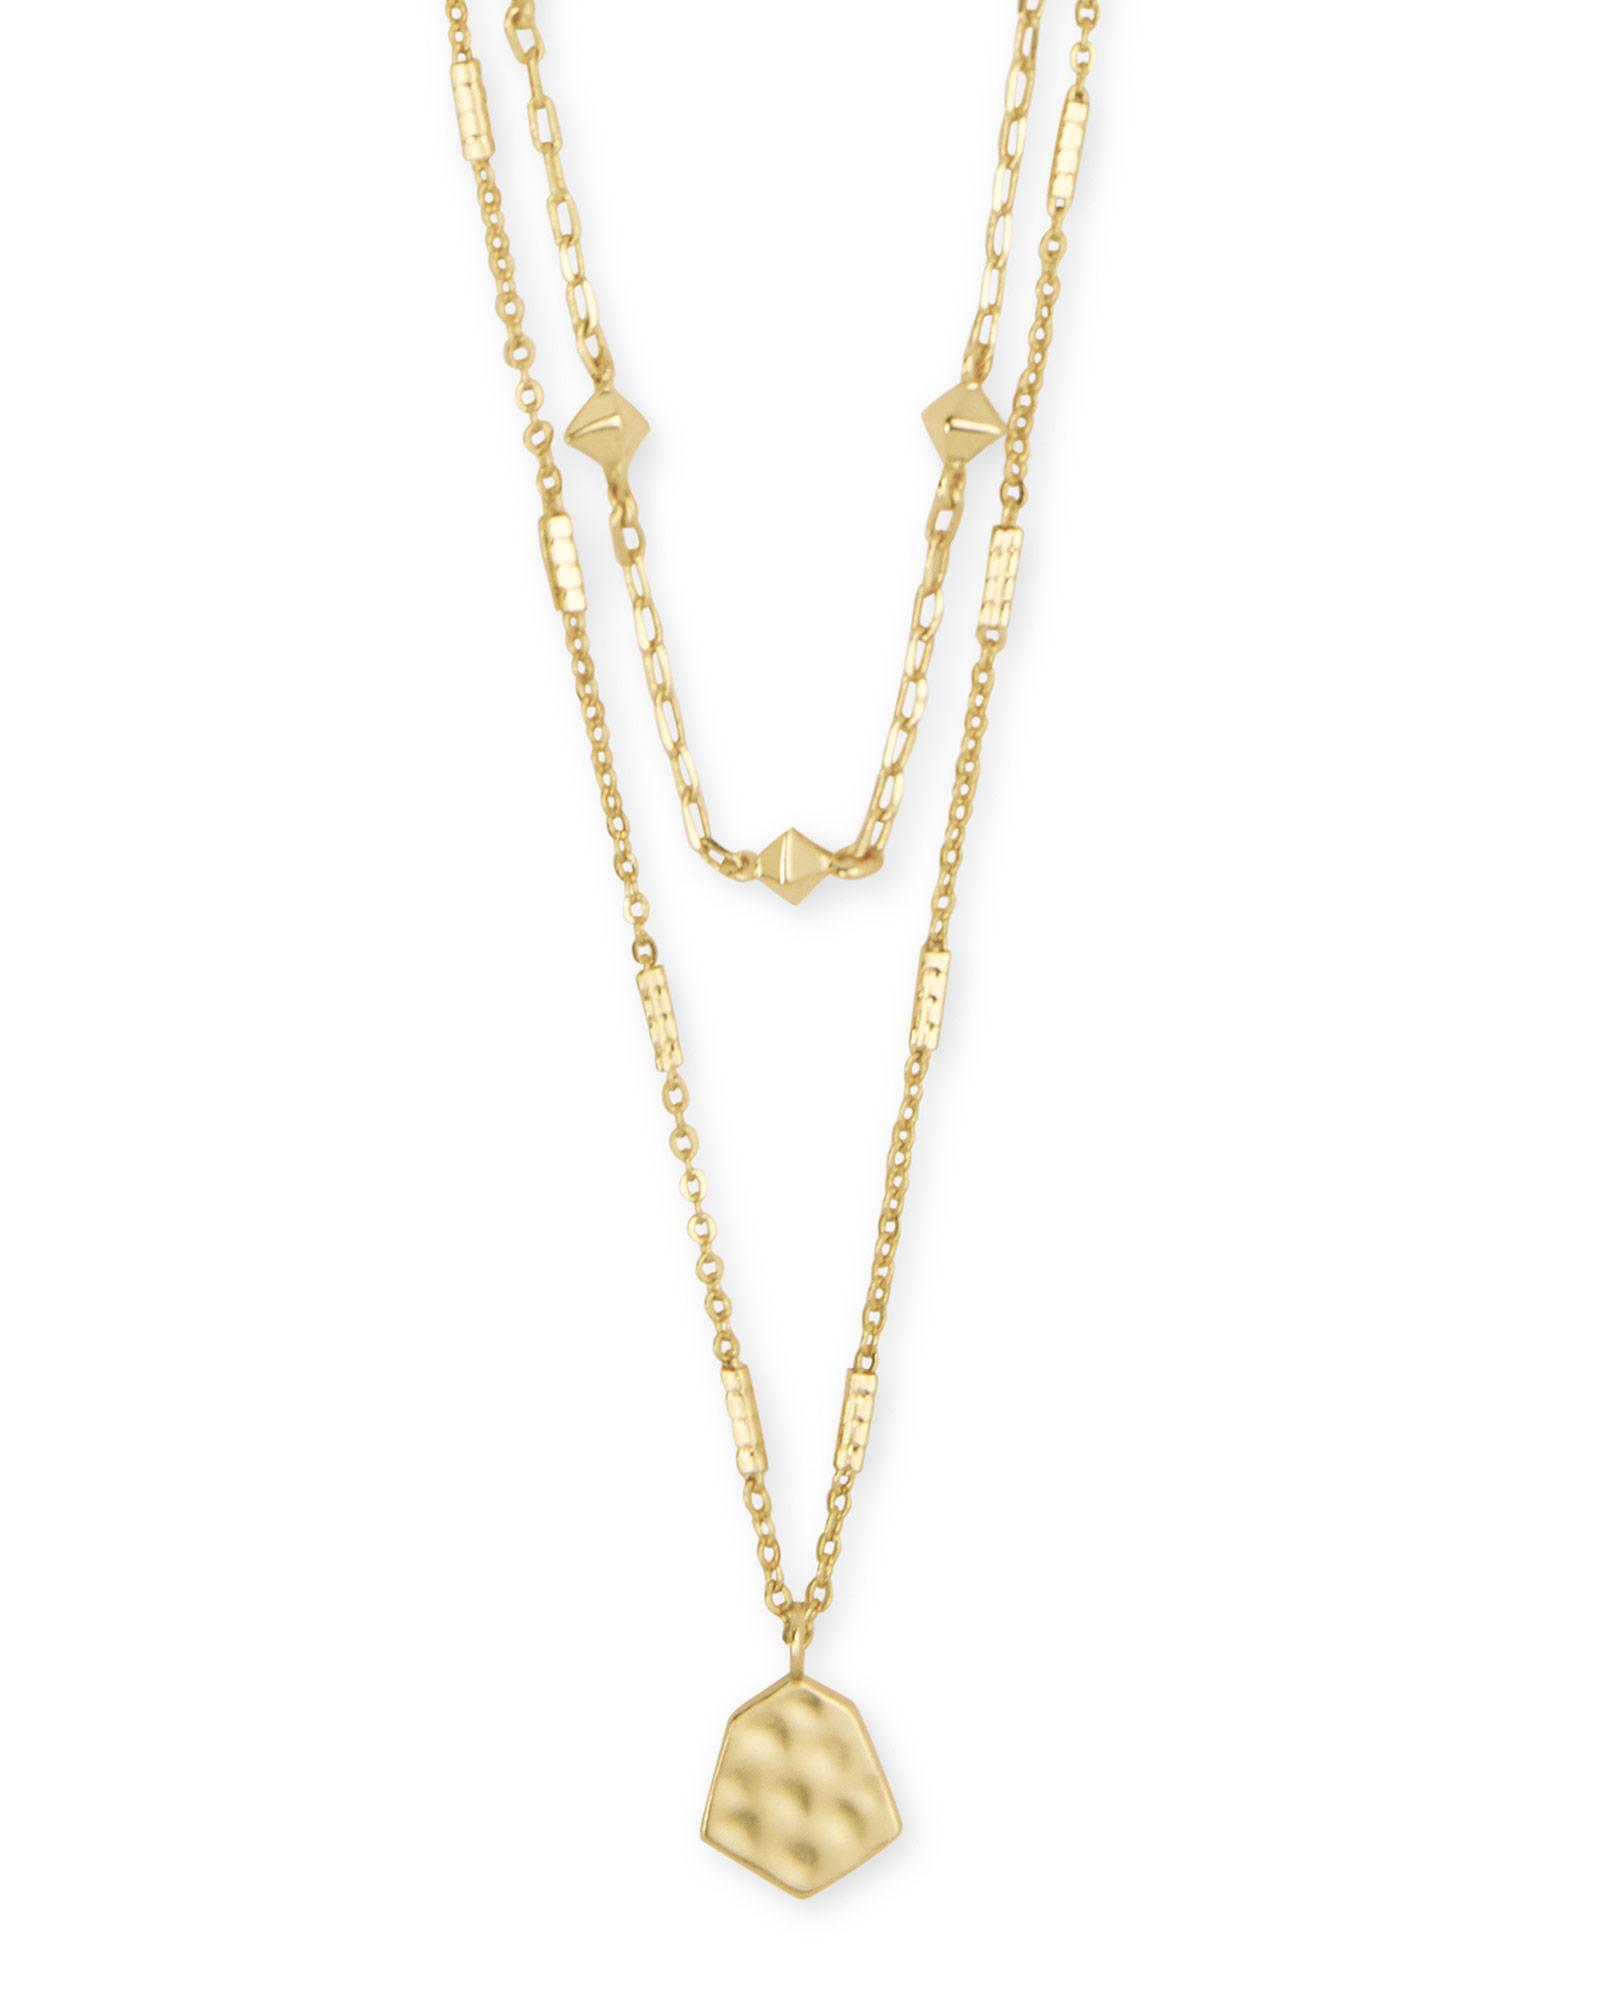 acba3a601dc65 Necklaces | Pendants | Chokers | Bar Necklaces | Kendra Scott